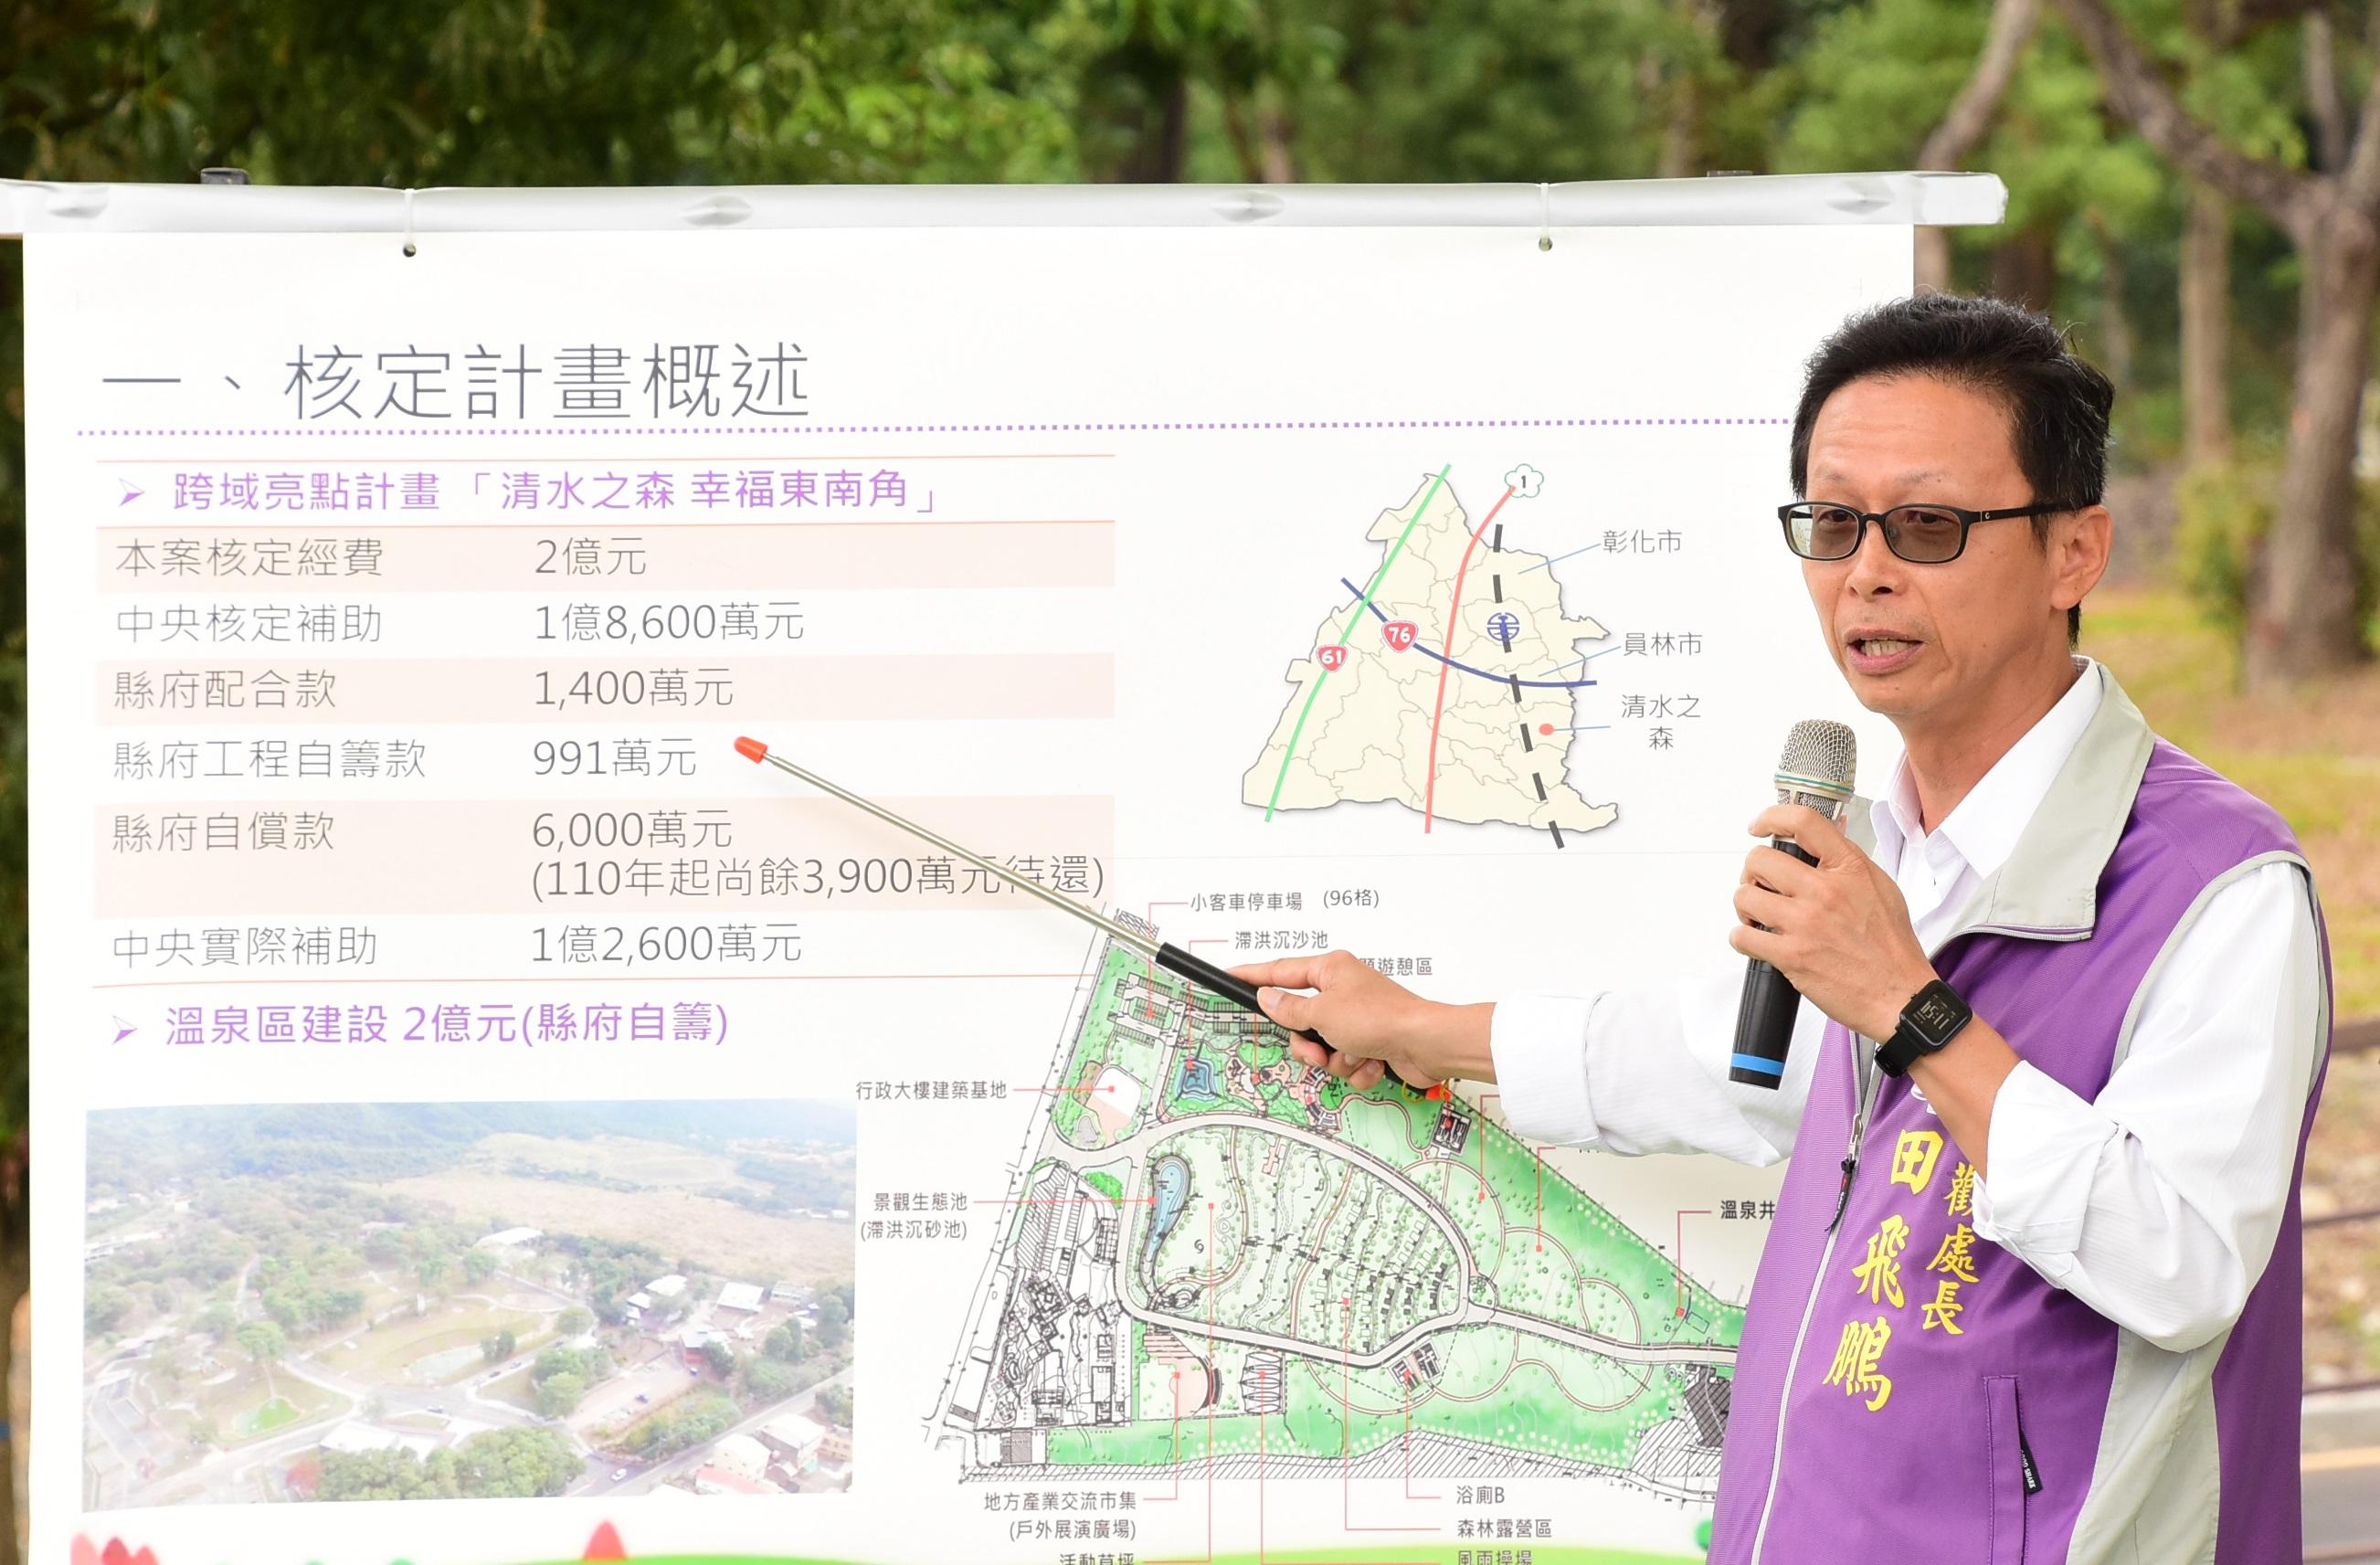 立法院交通委員視察「清水之森 幸福東南角」 彰化社頭鄉獲選為經典小鎮3.0